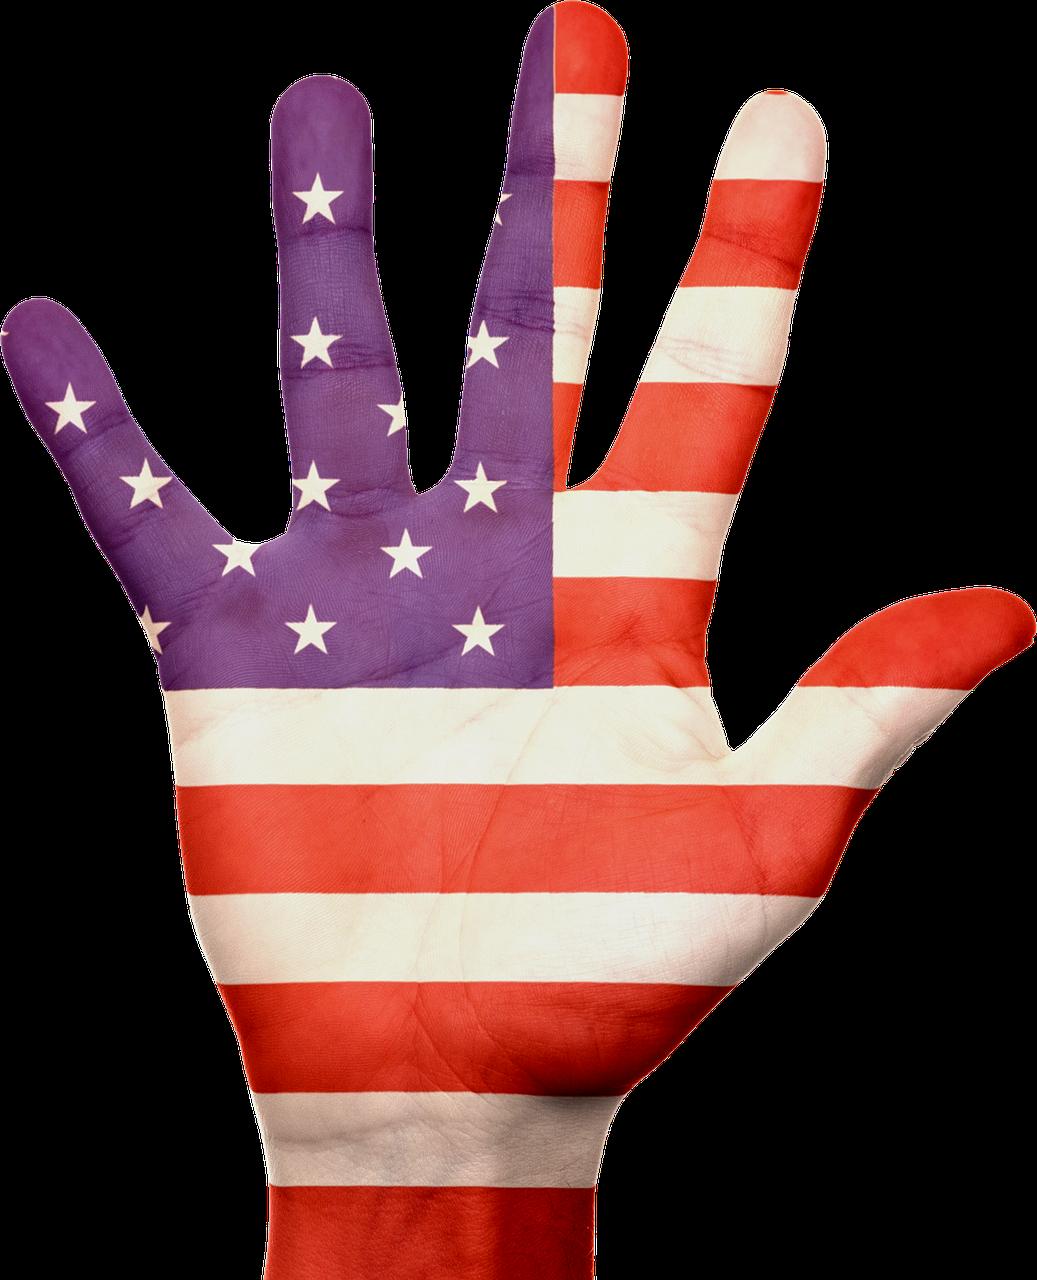 HILLARY CLINTON E' UFFICIALMENTE LA CANDIDATA PRESIDENTE USA